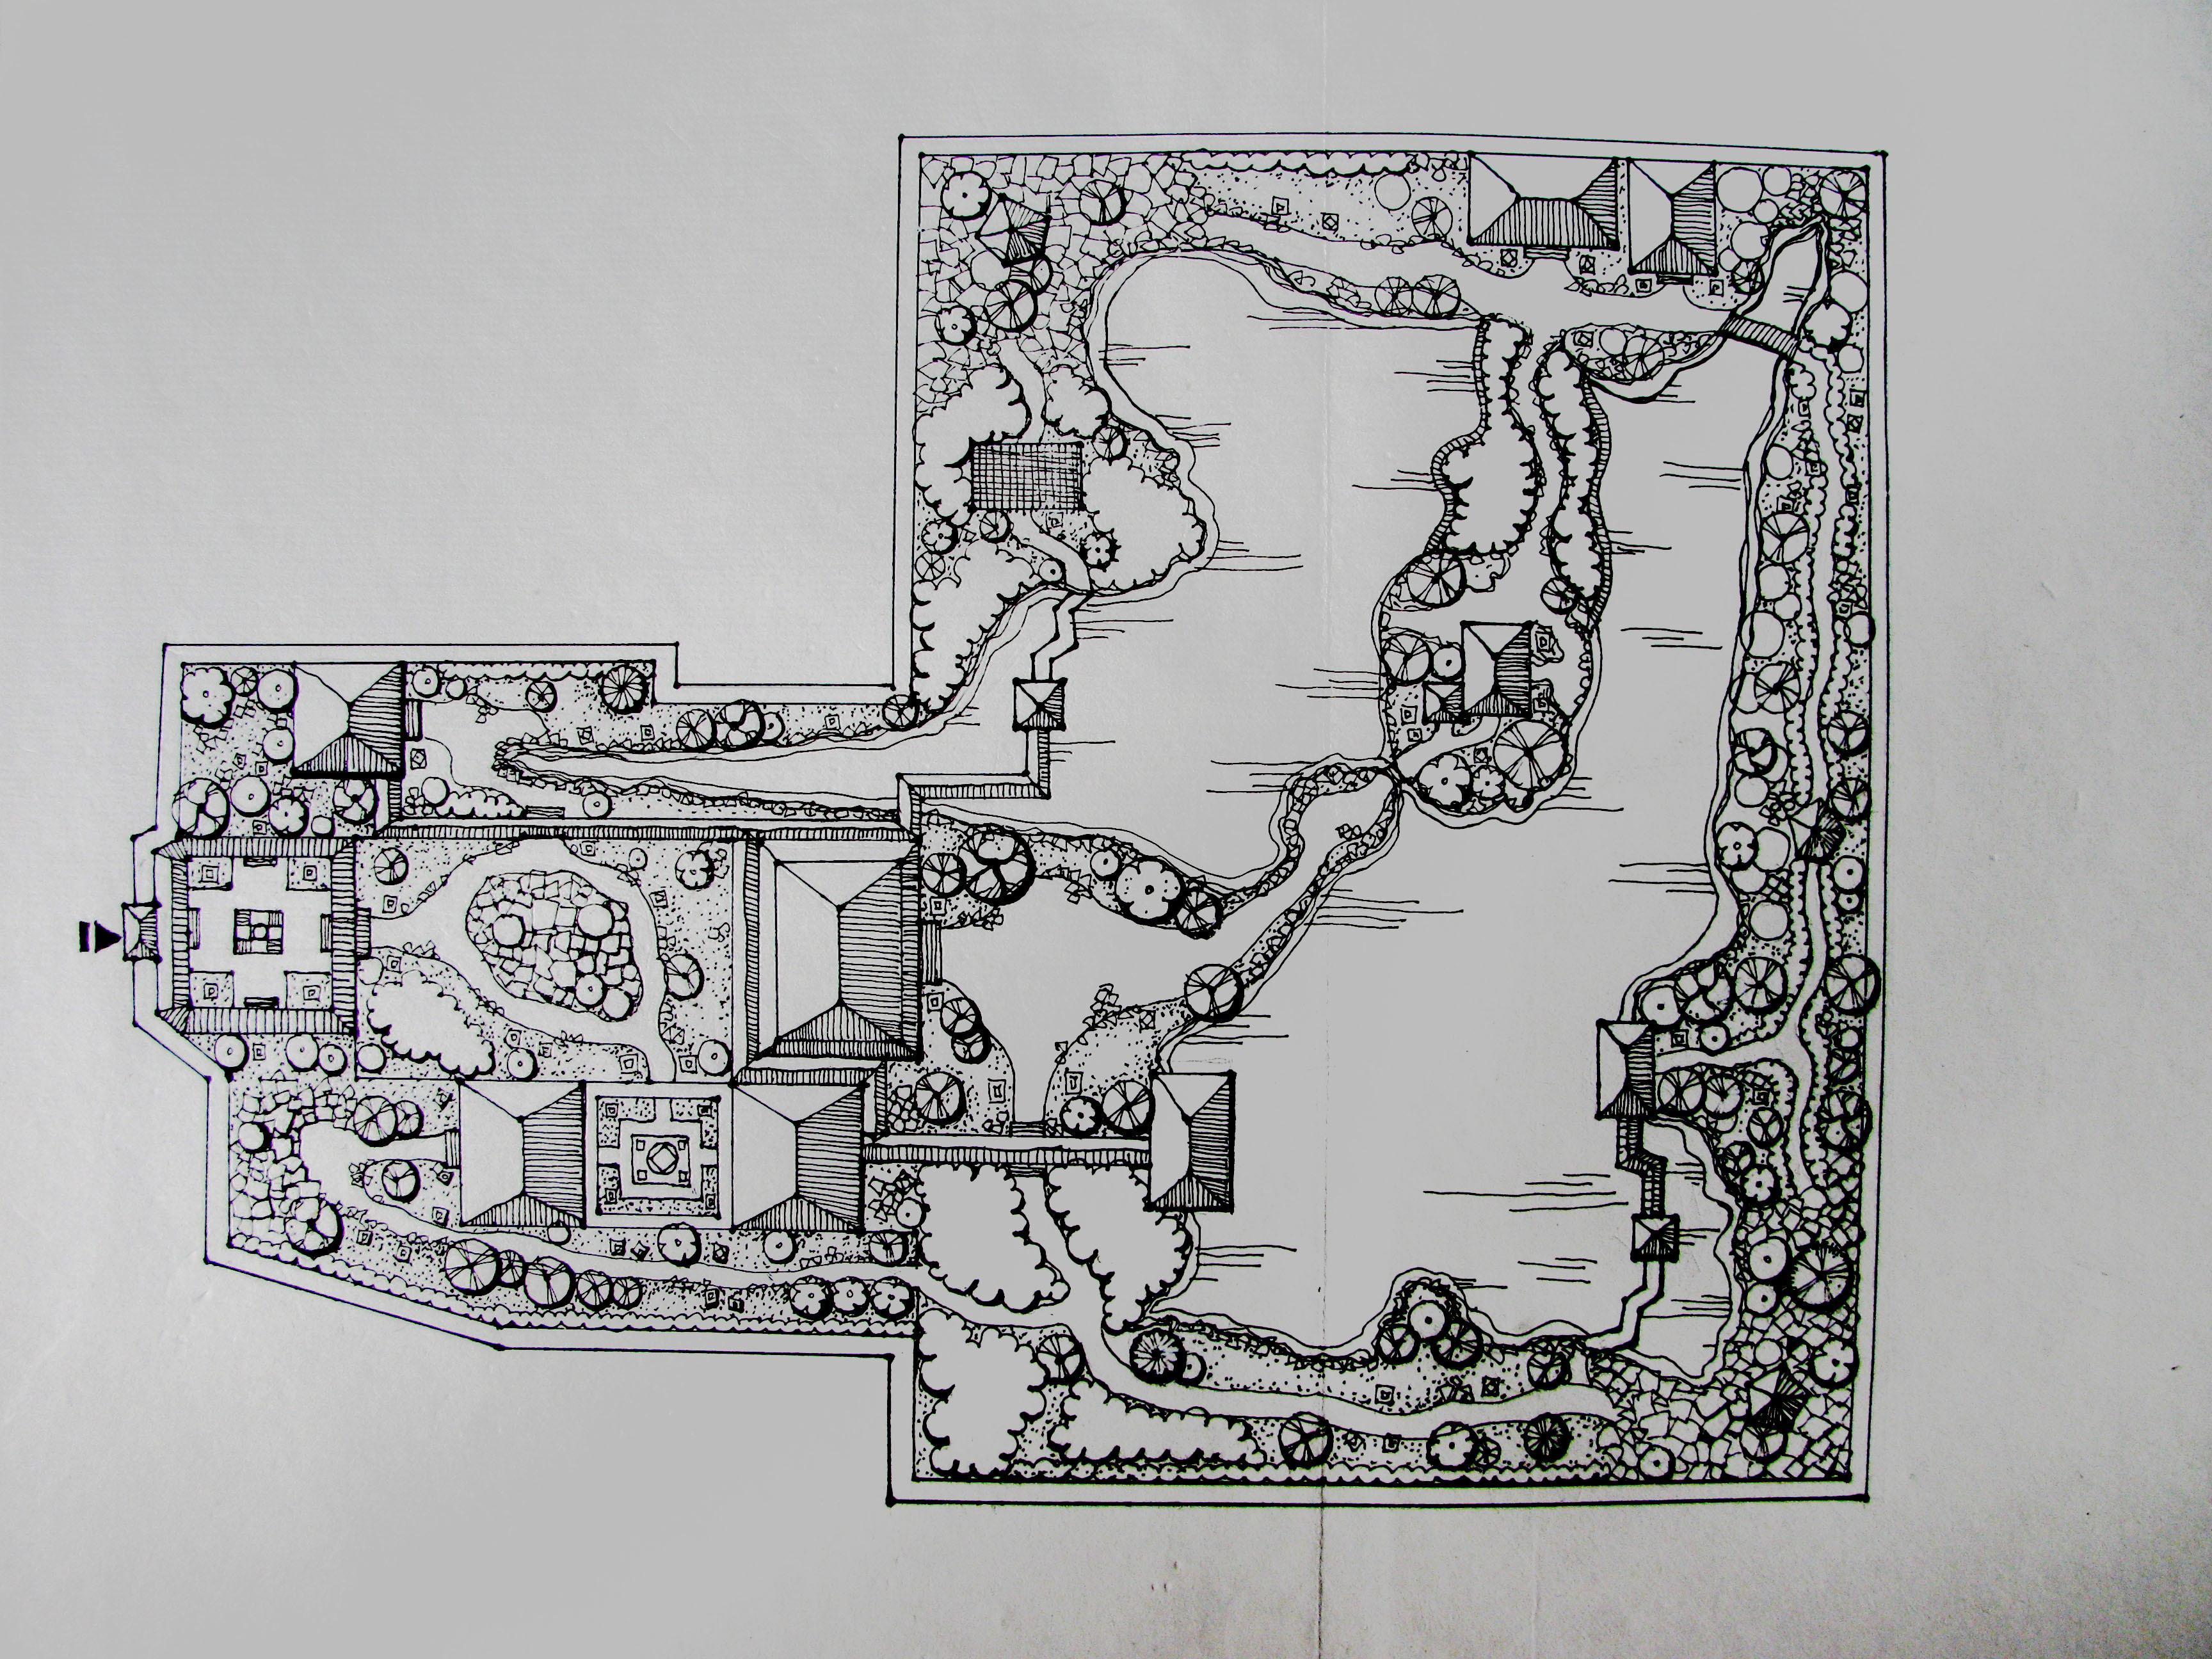 中国园林简笔画设计图-中国园林简笔画